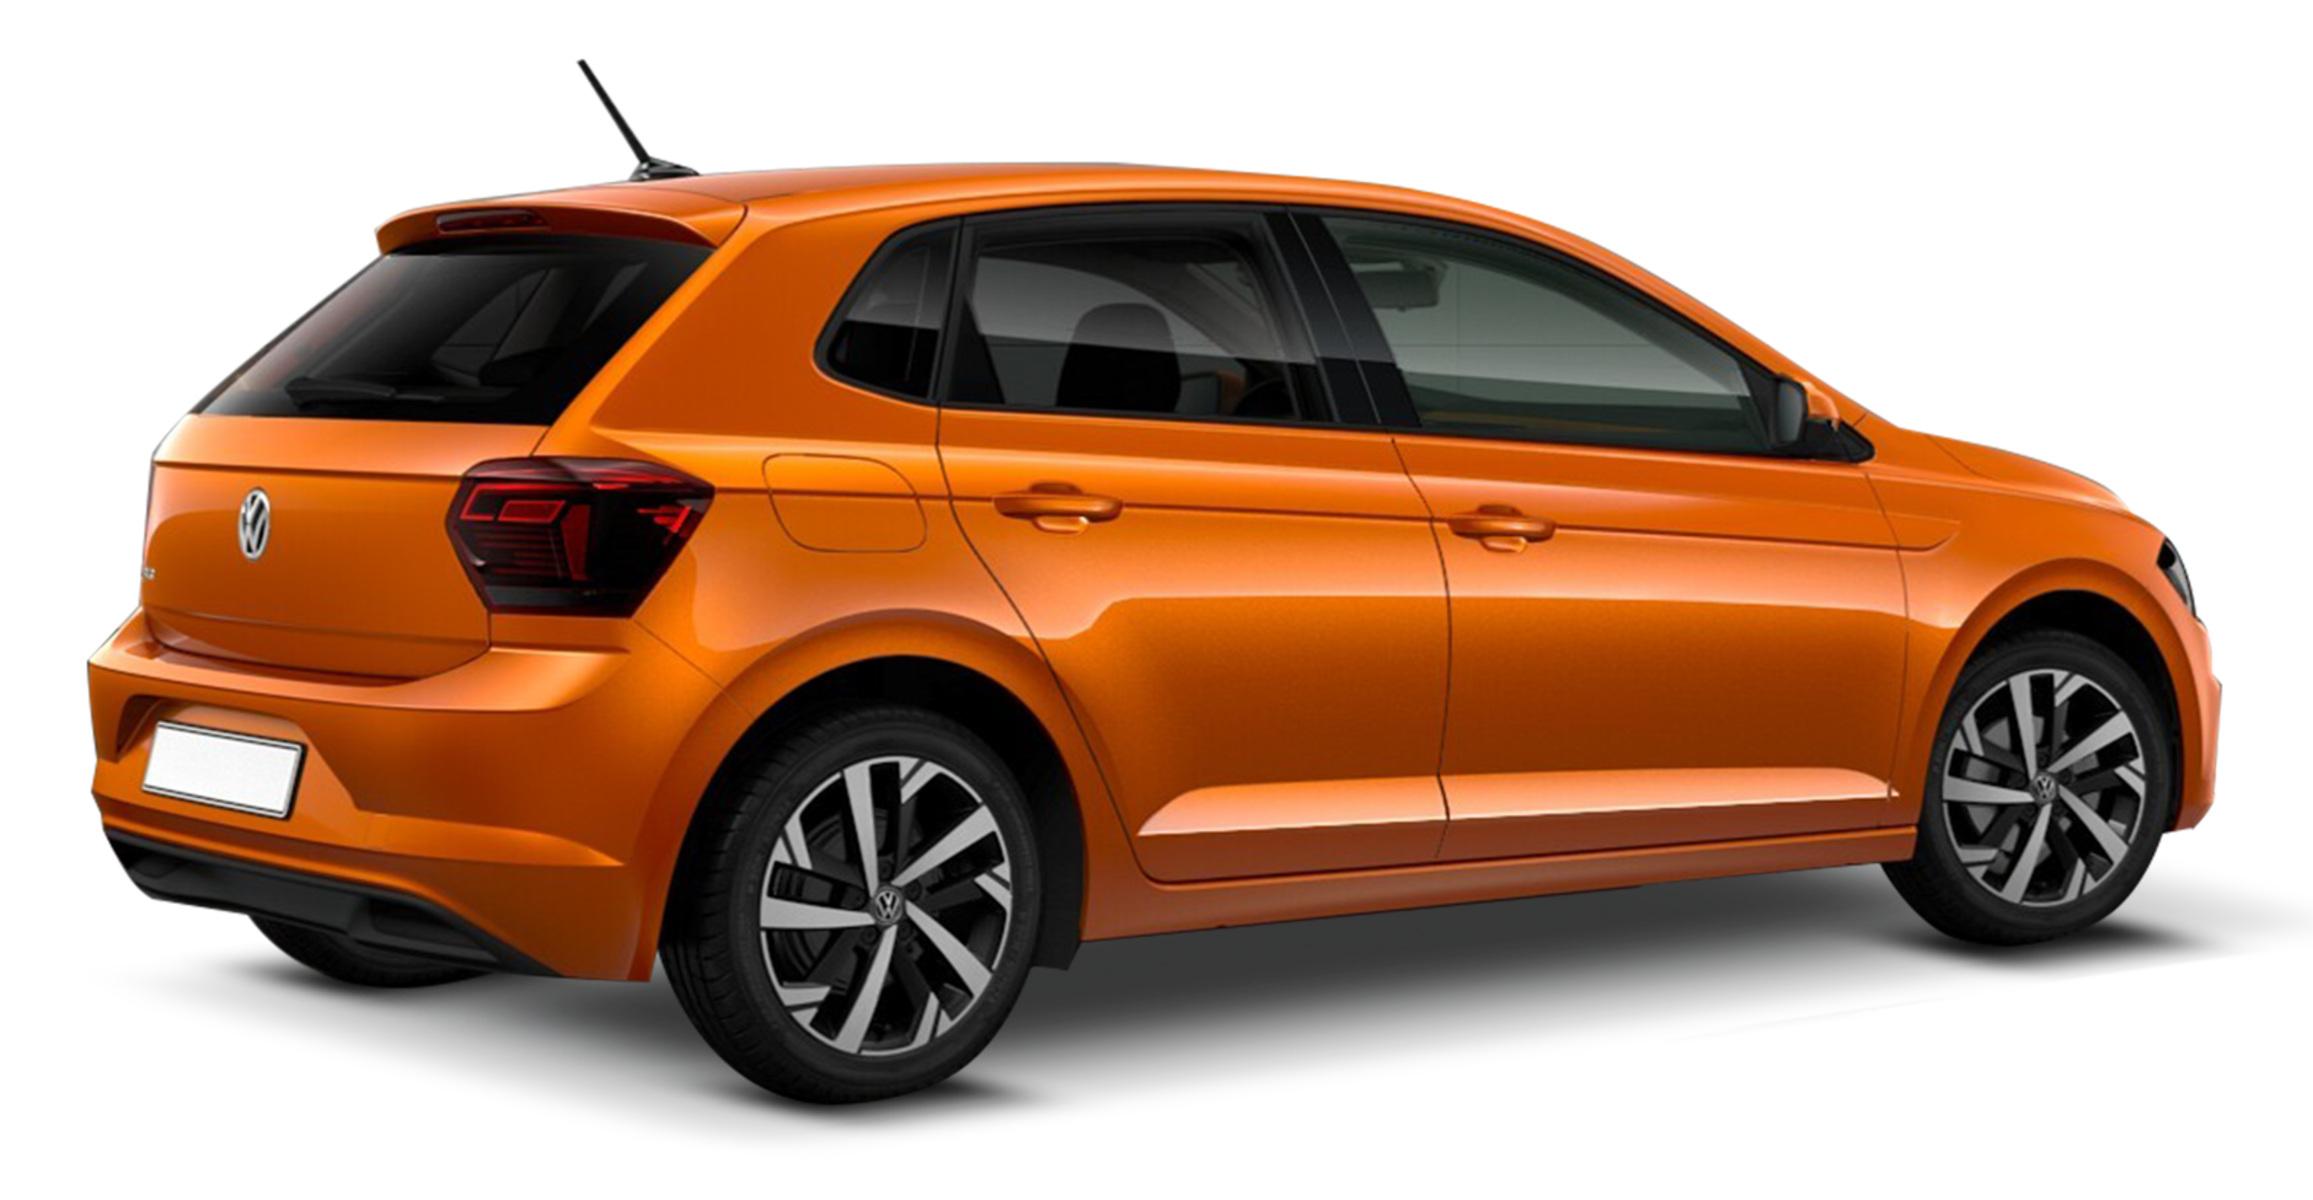 Listino Volkswagen Polo Prezzo Scheda Tecnica Consumi